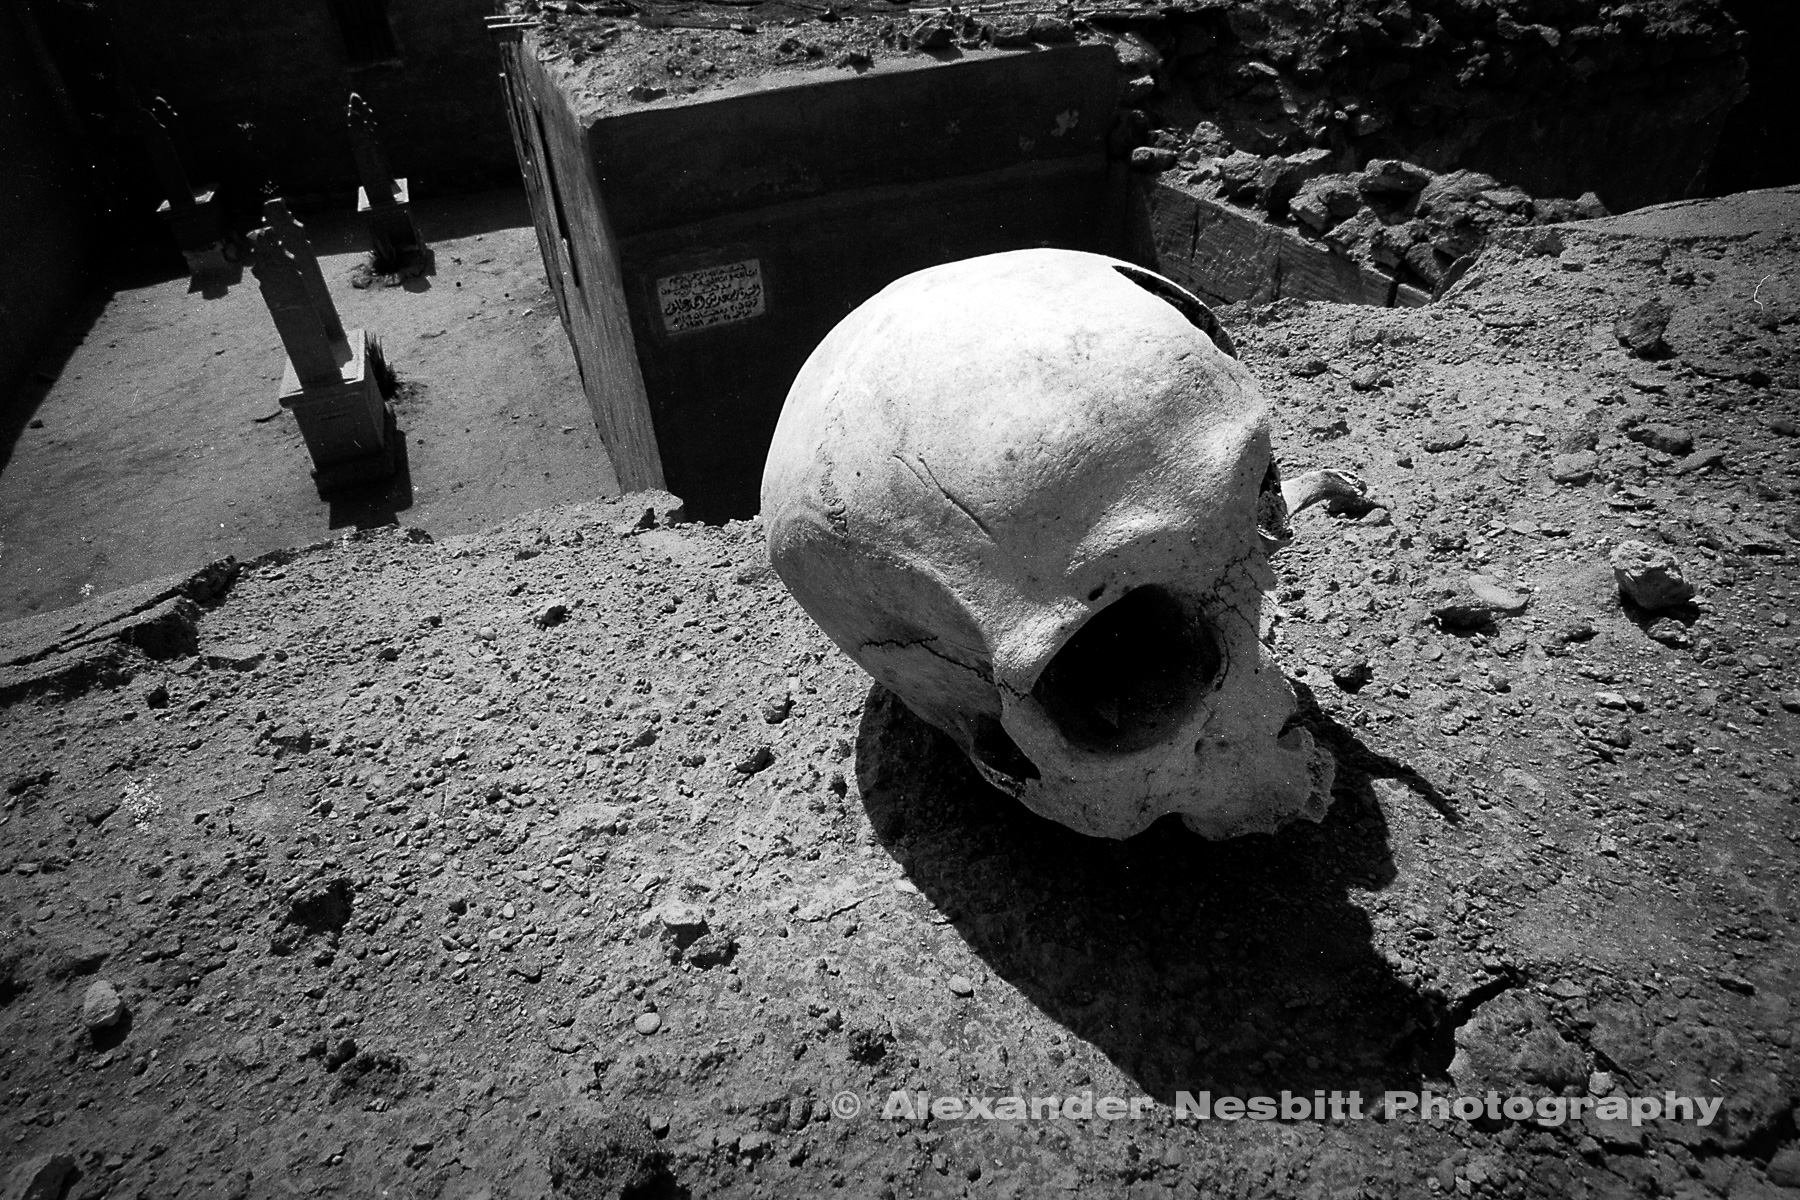 Nesbitt-GOOD-Images-off-desk-top-skull-98xxxx